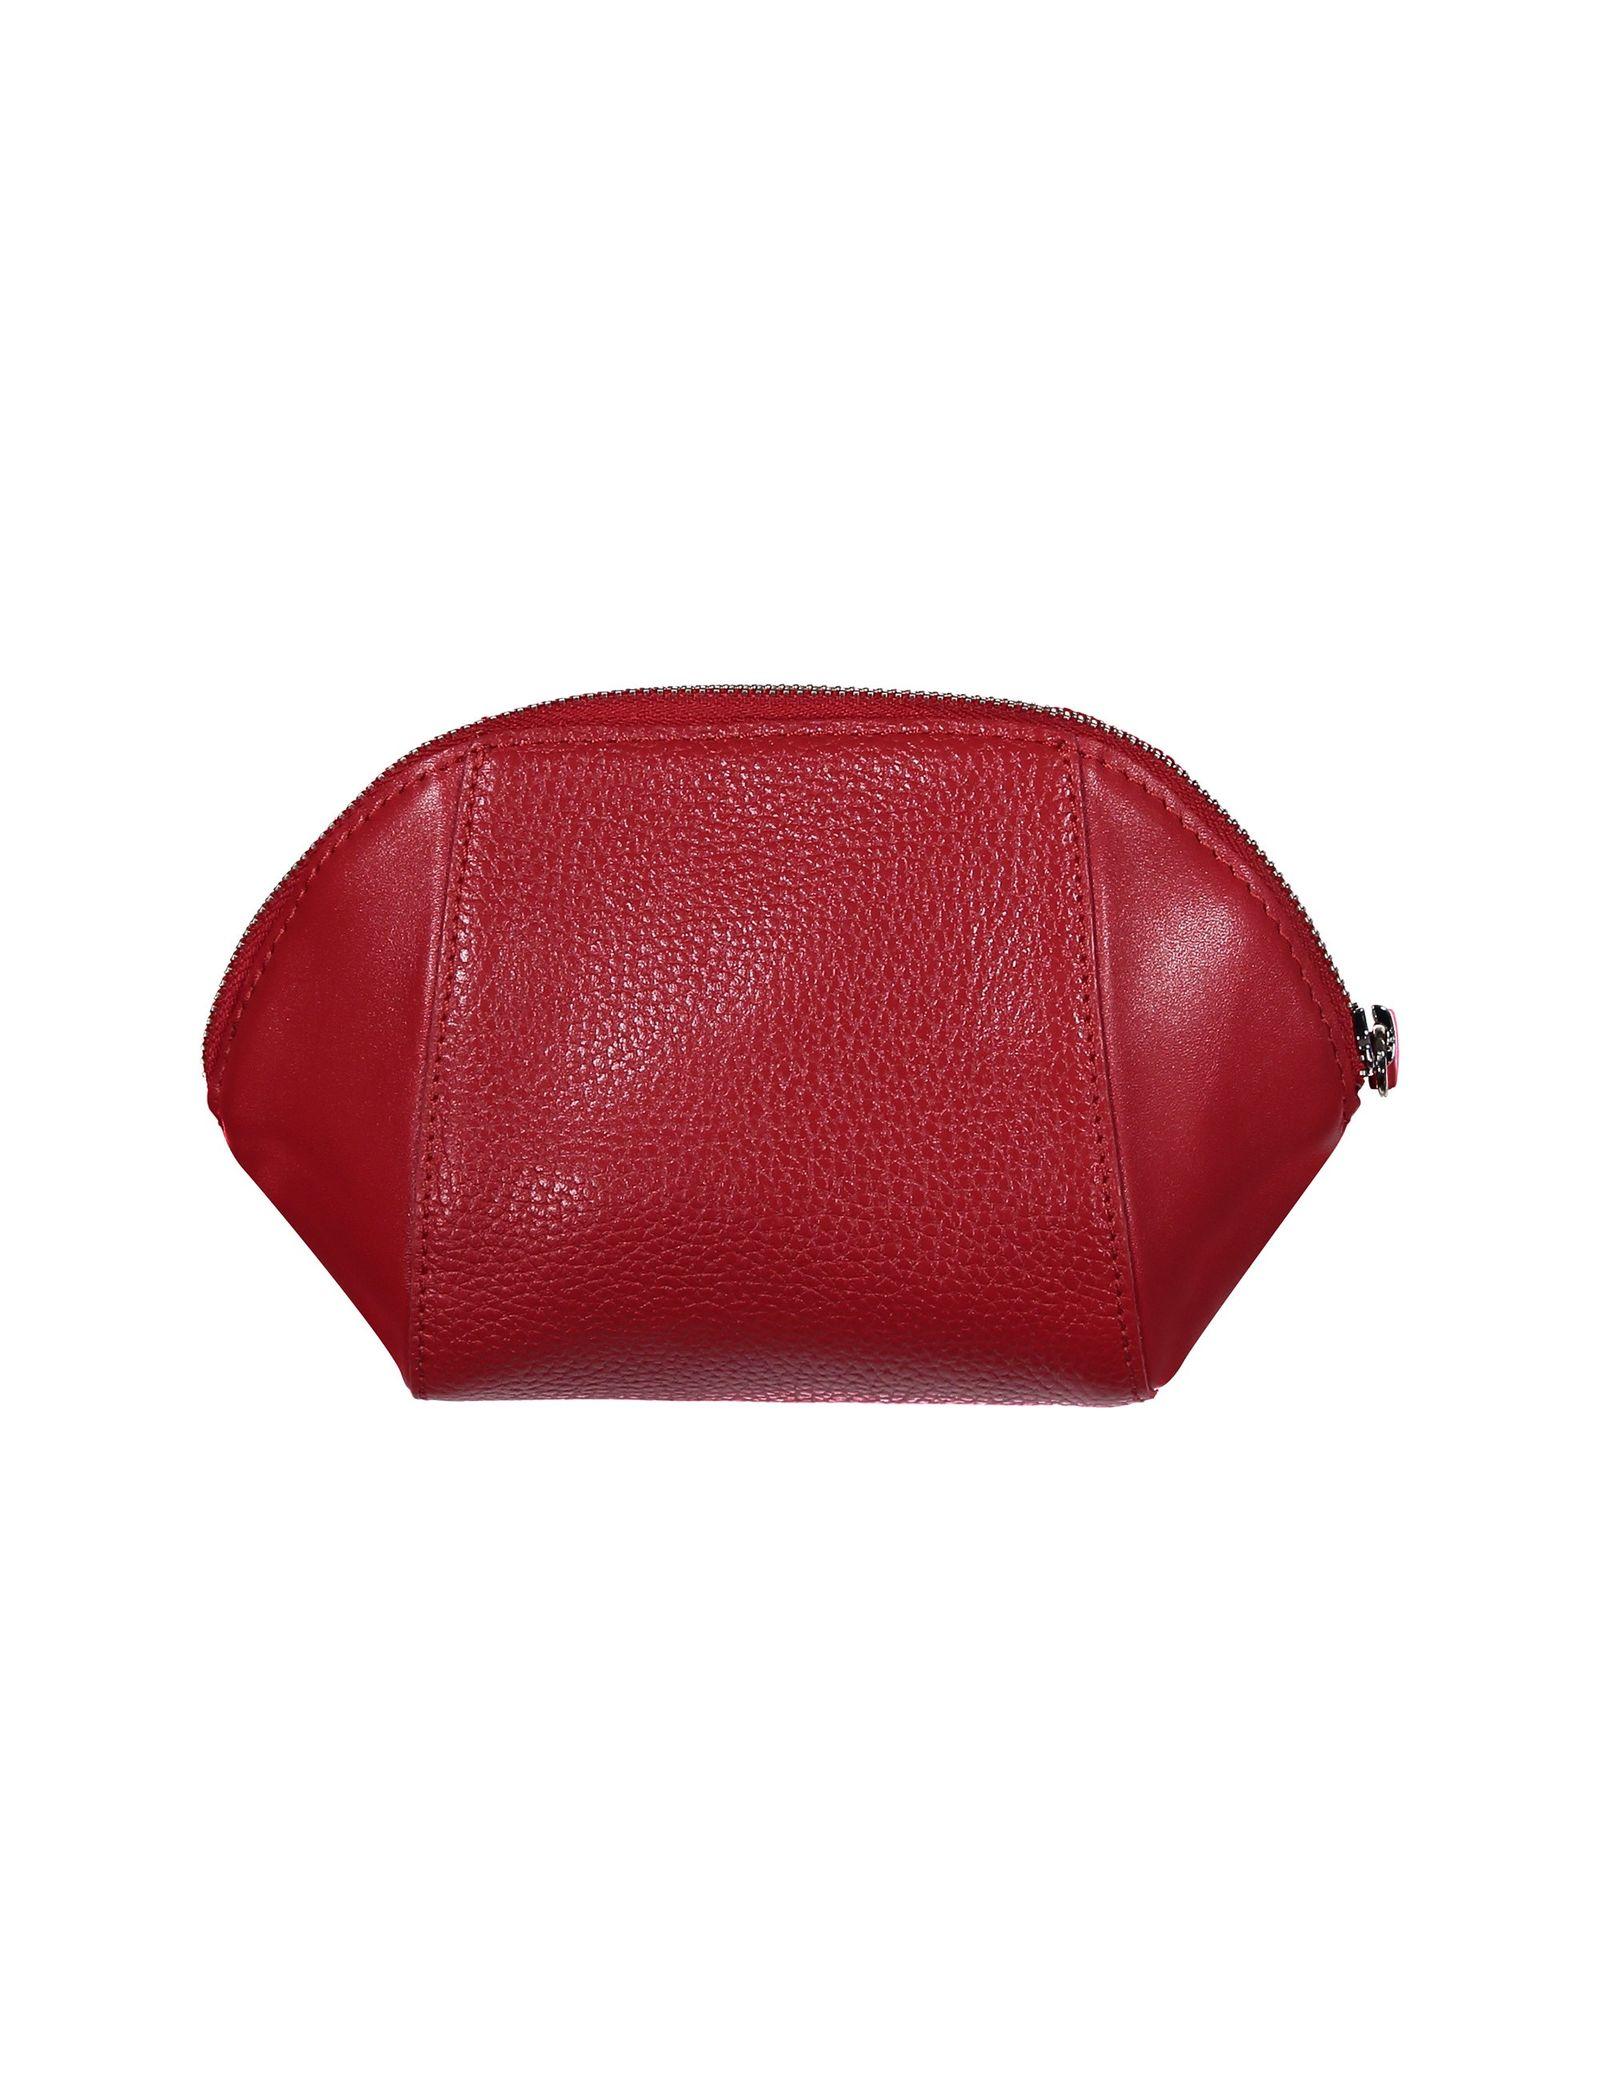 کیف لوازم آرایش چرم زنانه - چرم مشهد - قرمز - 2